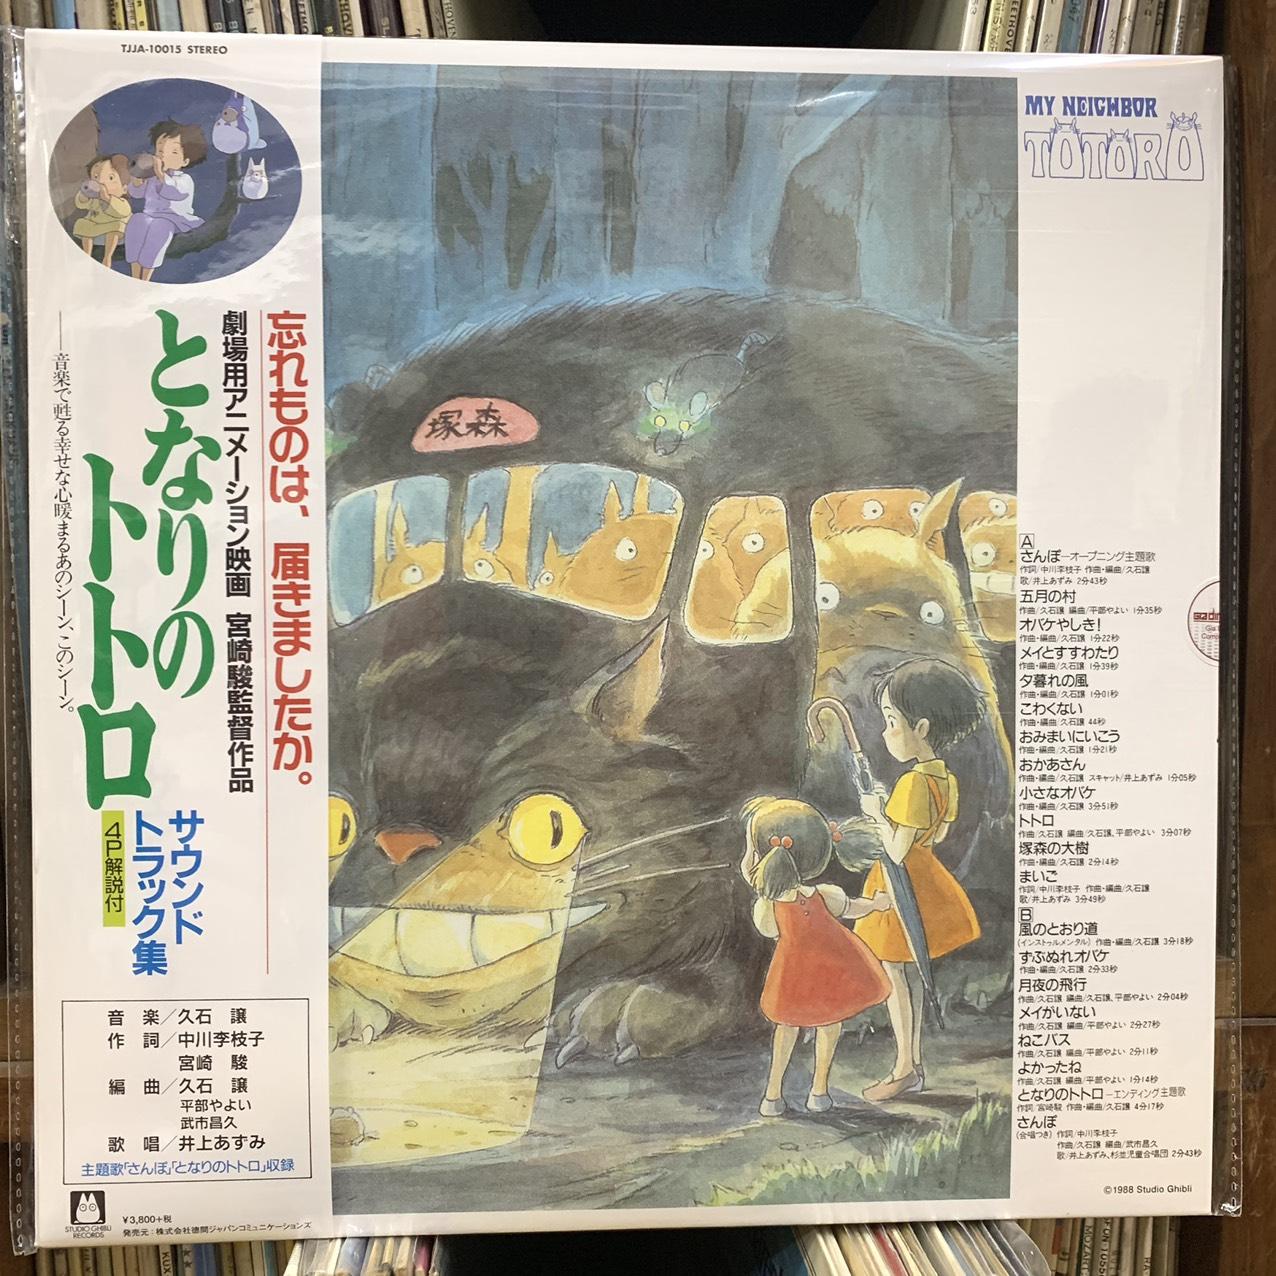 dia-than-lp-hang-xom-cua-toi-la-totoro-soundtrack-studio-ghibli